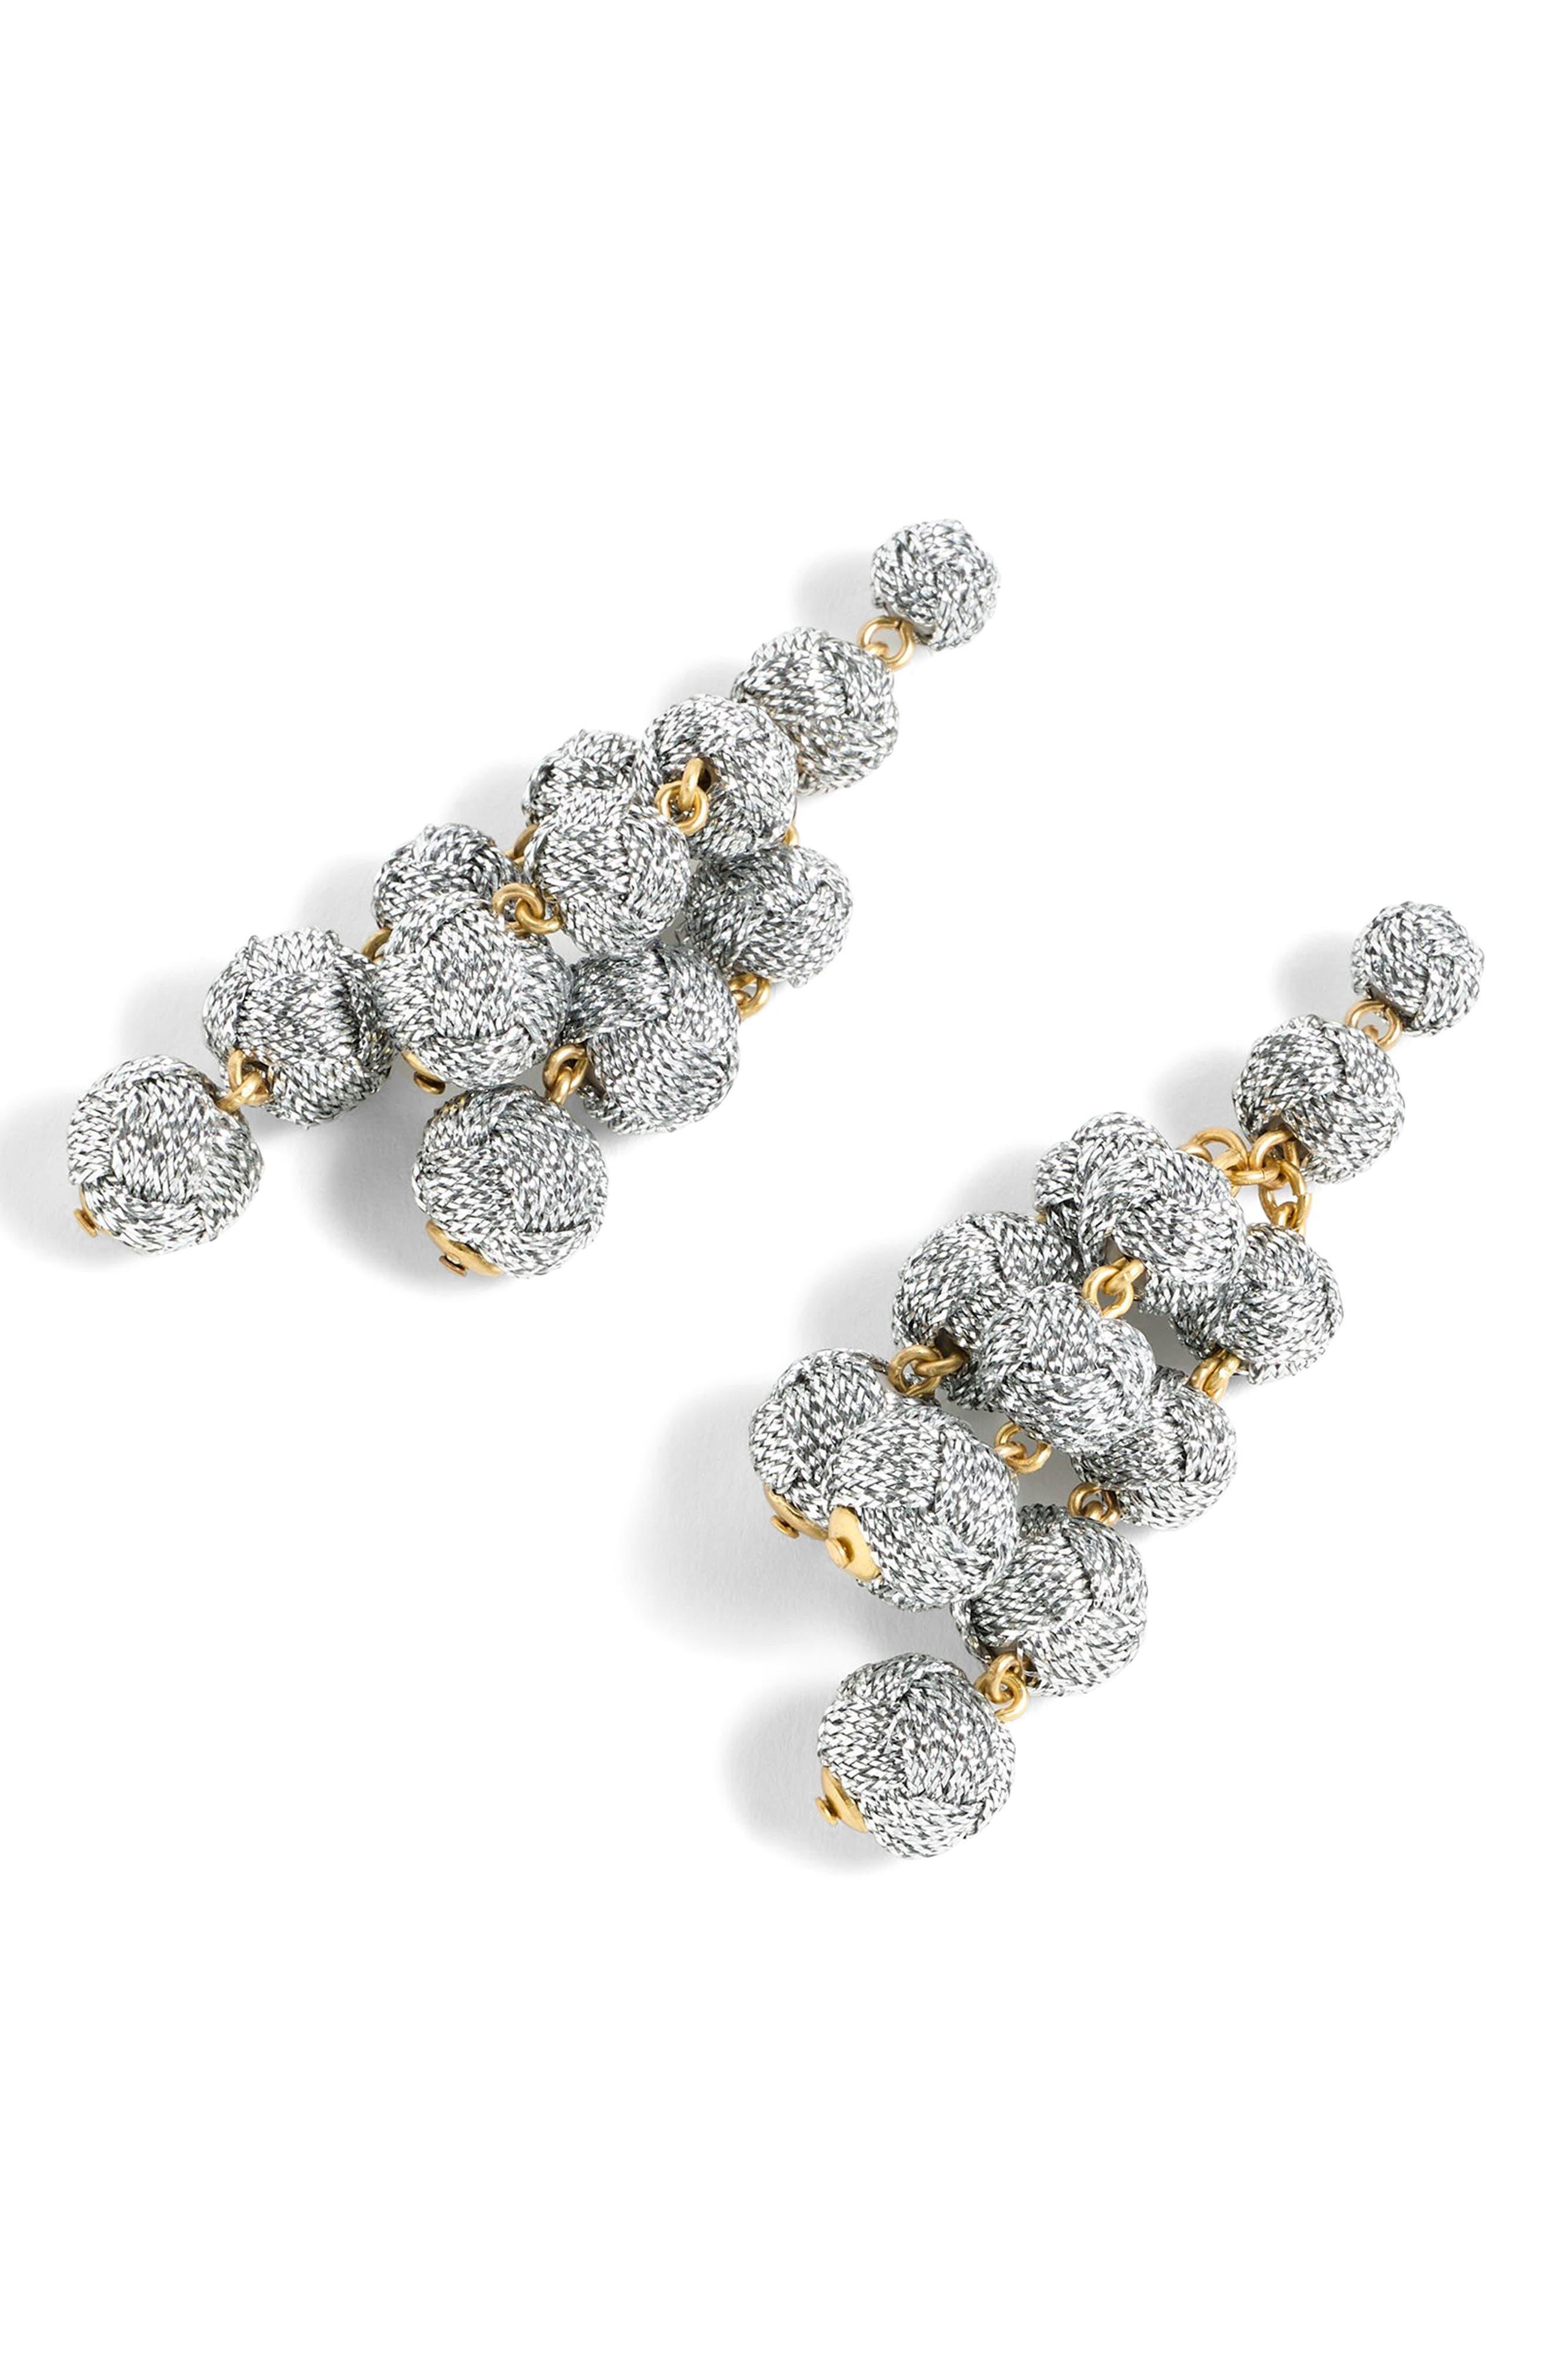 Main Image - J.Crew Love Knot Chandelier Earrings